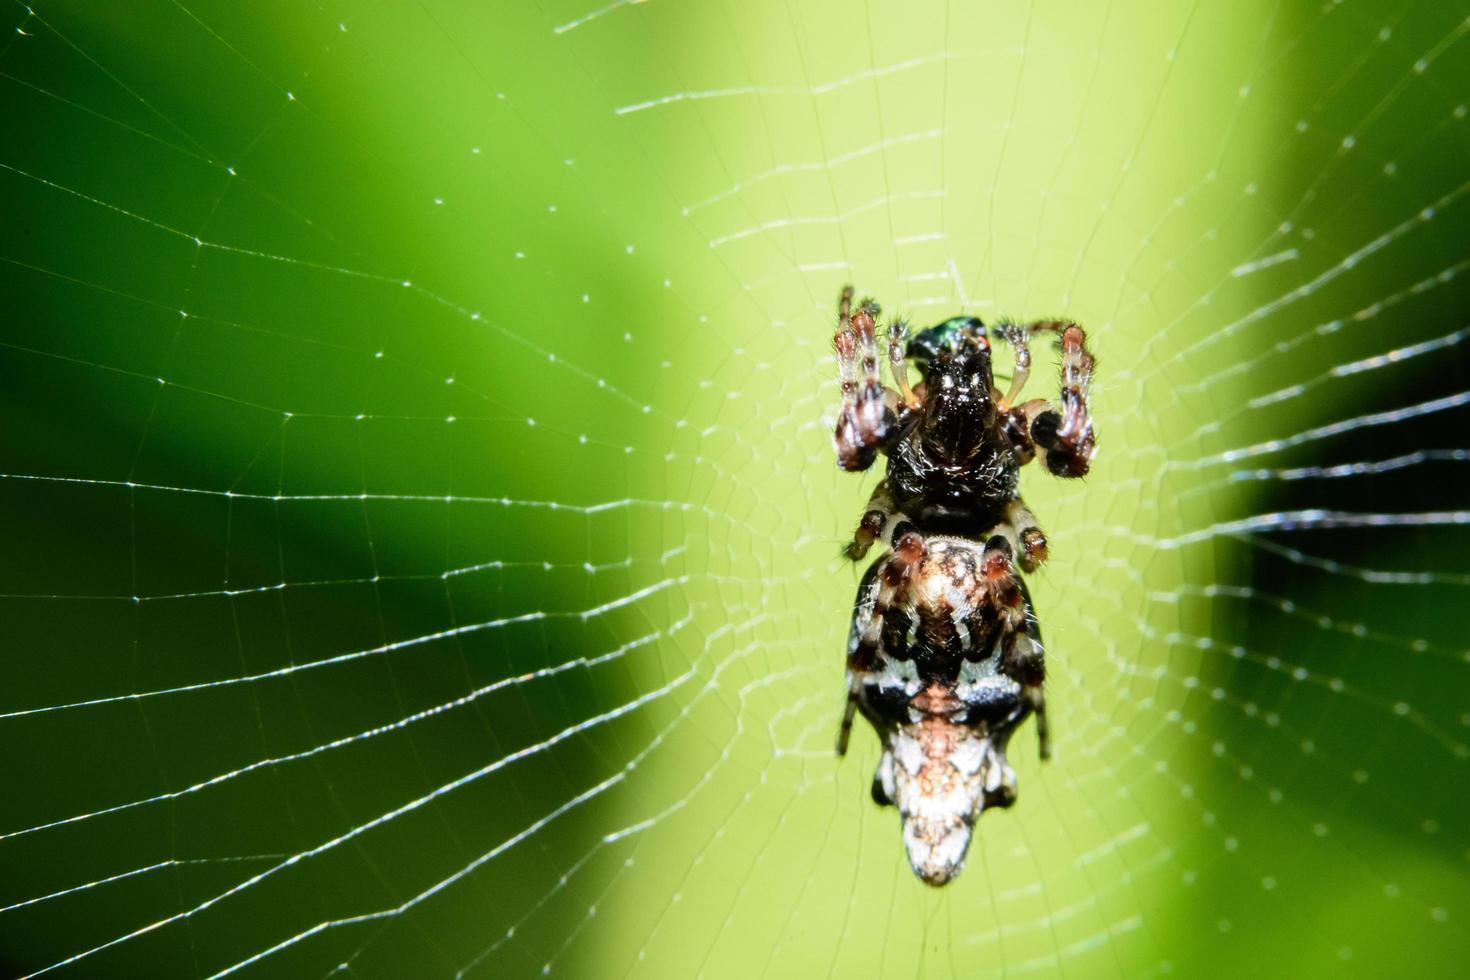 Spinne im Spinnennetz foto